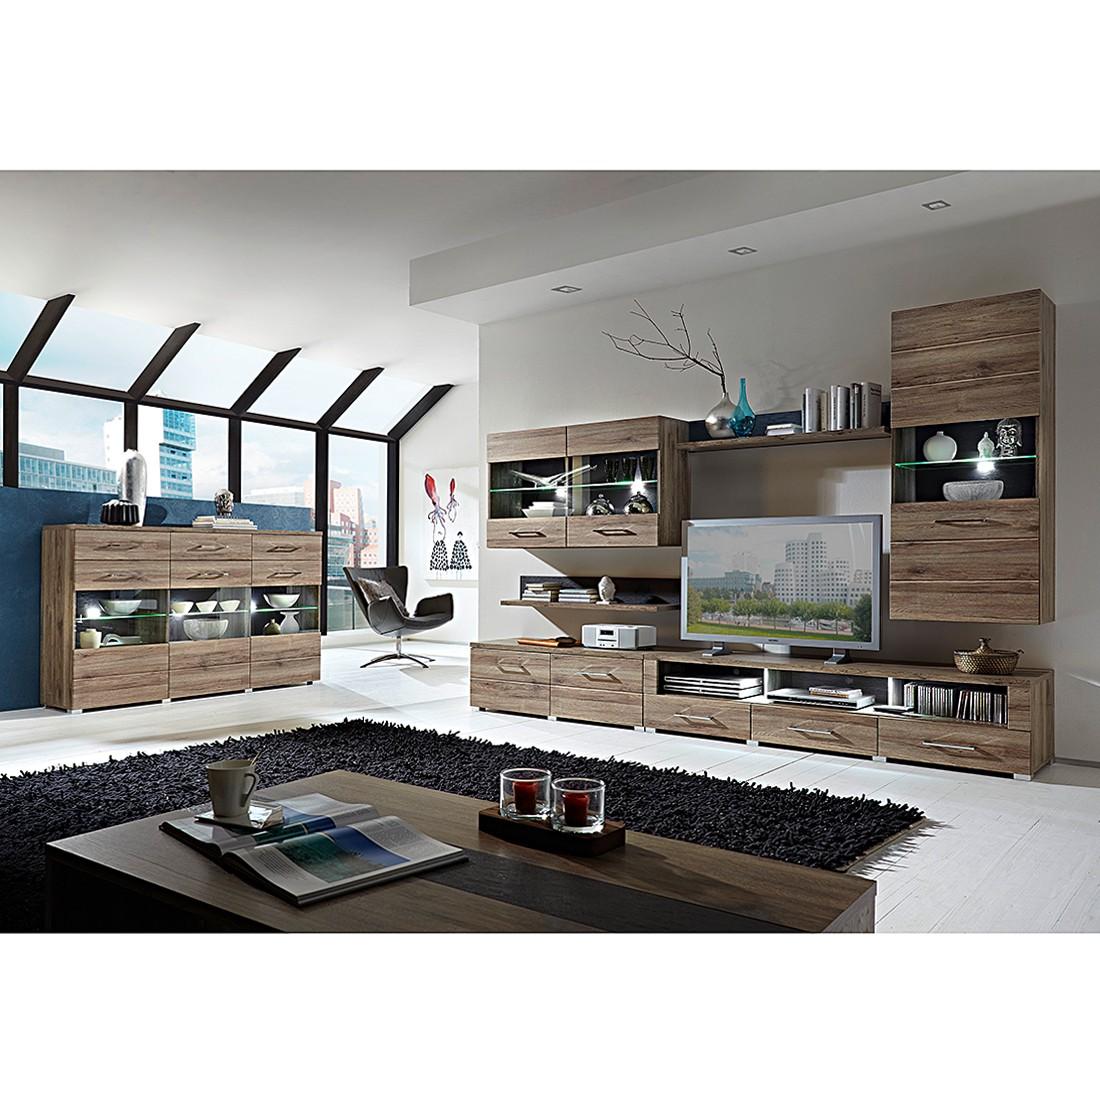 Modoform Wohnwand Für Ein Modernes Zuhause Home24